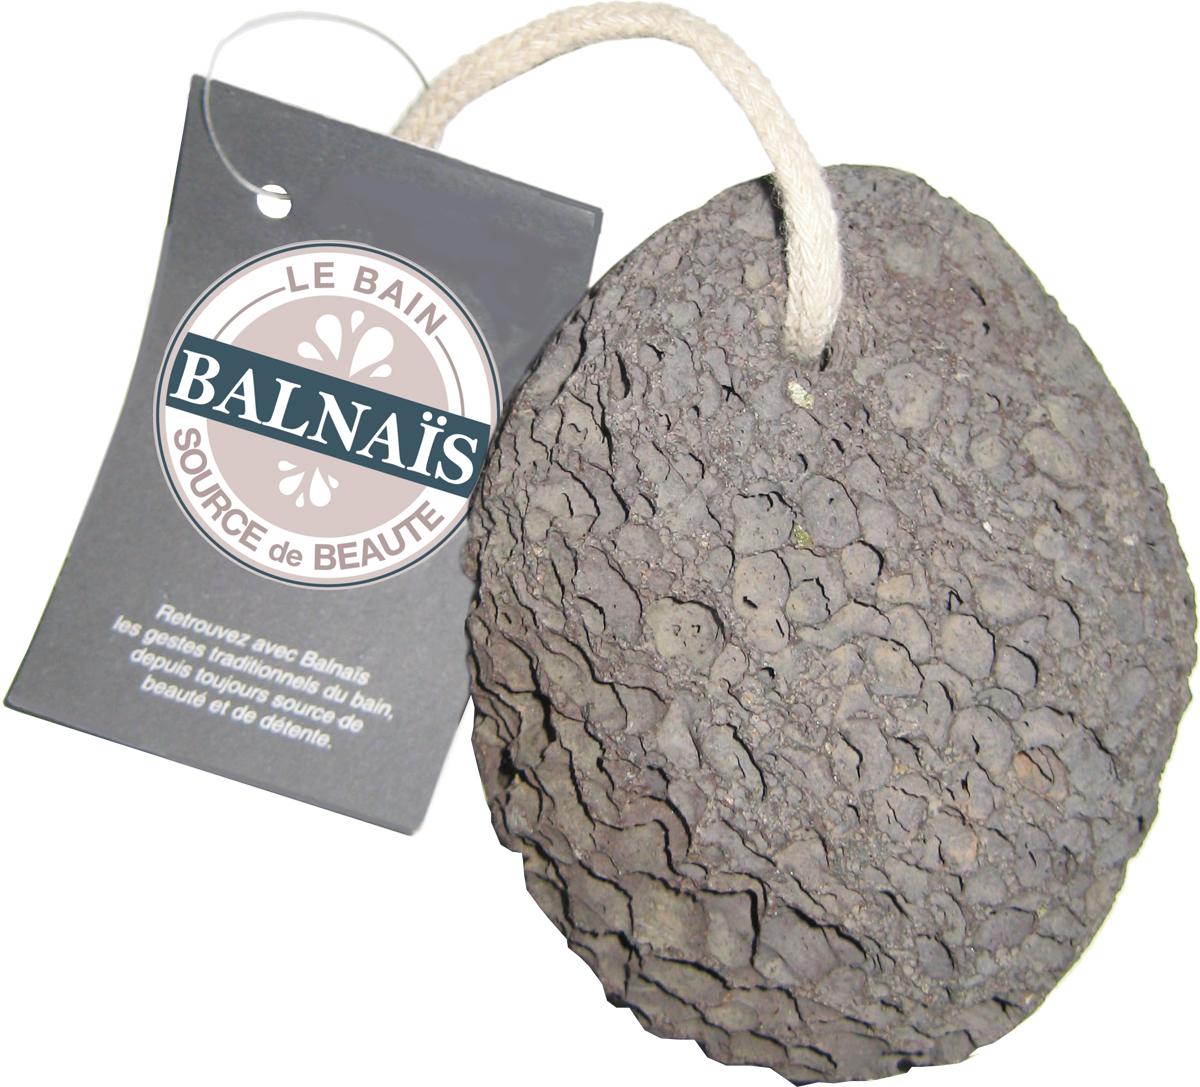 Balnais Пемза из вулканической лавы200546Пемза из натуральной вулканической лавы идеально подходит для удаления огрубевшей кожи ног